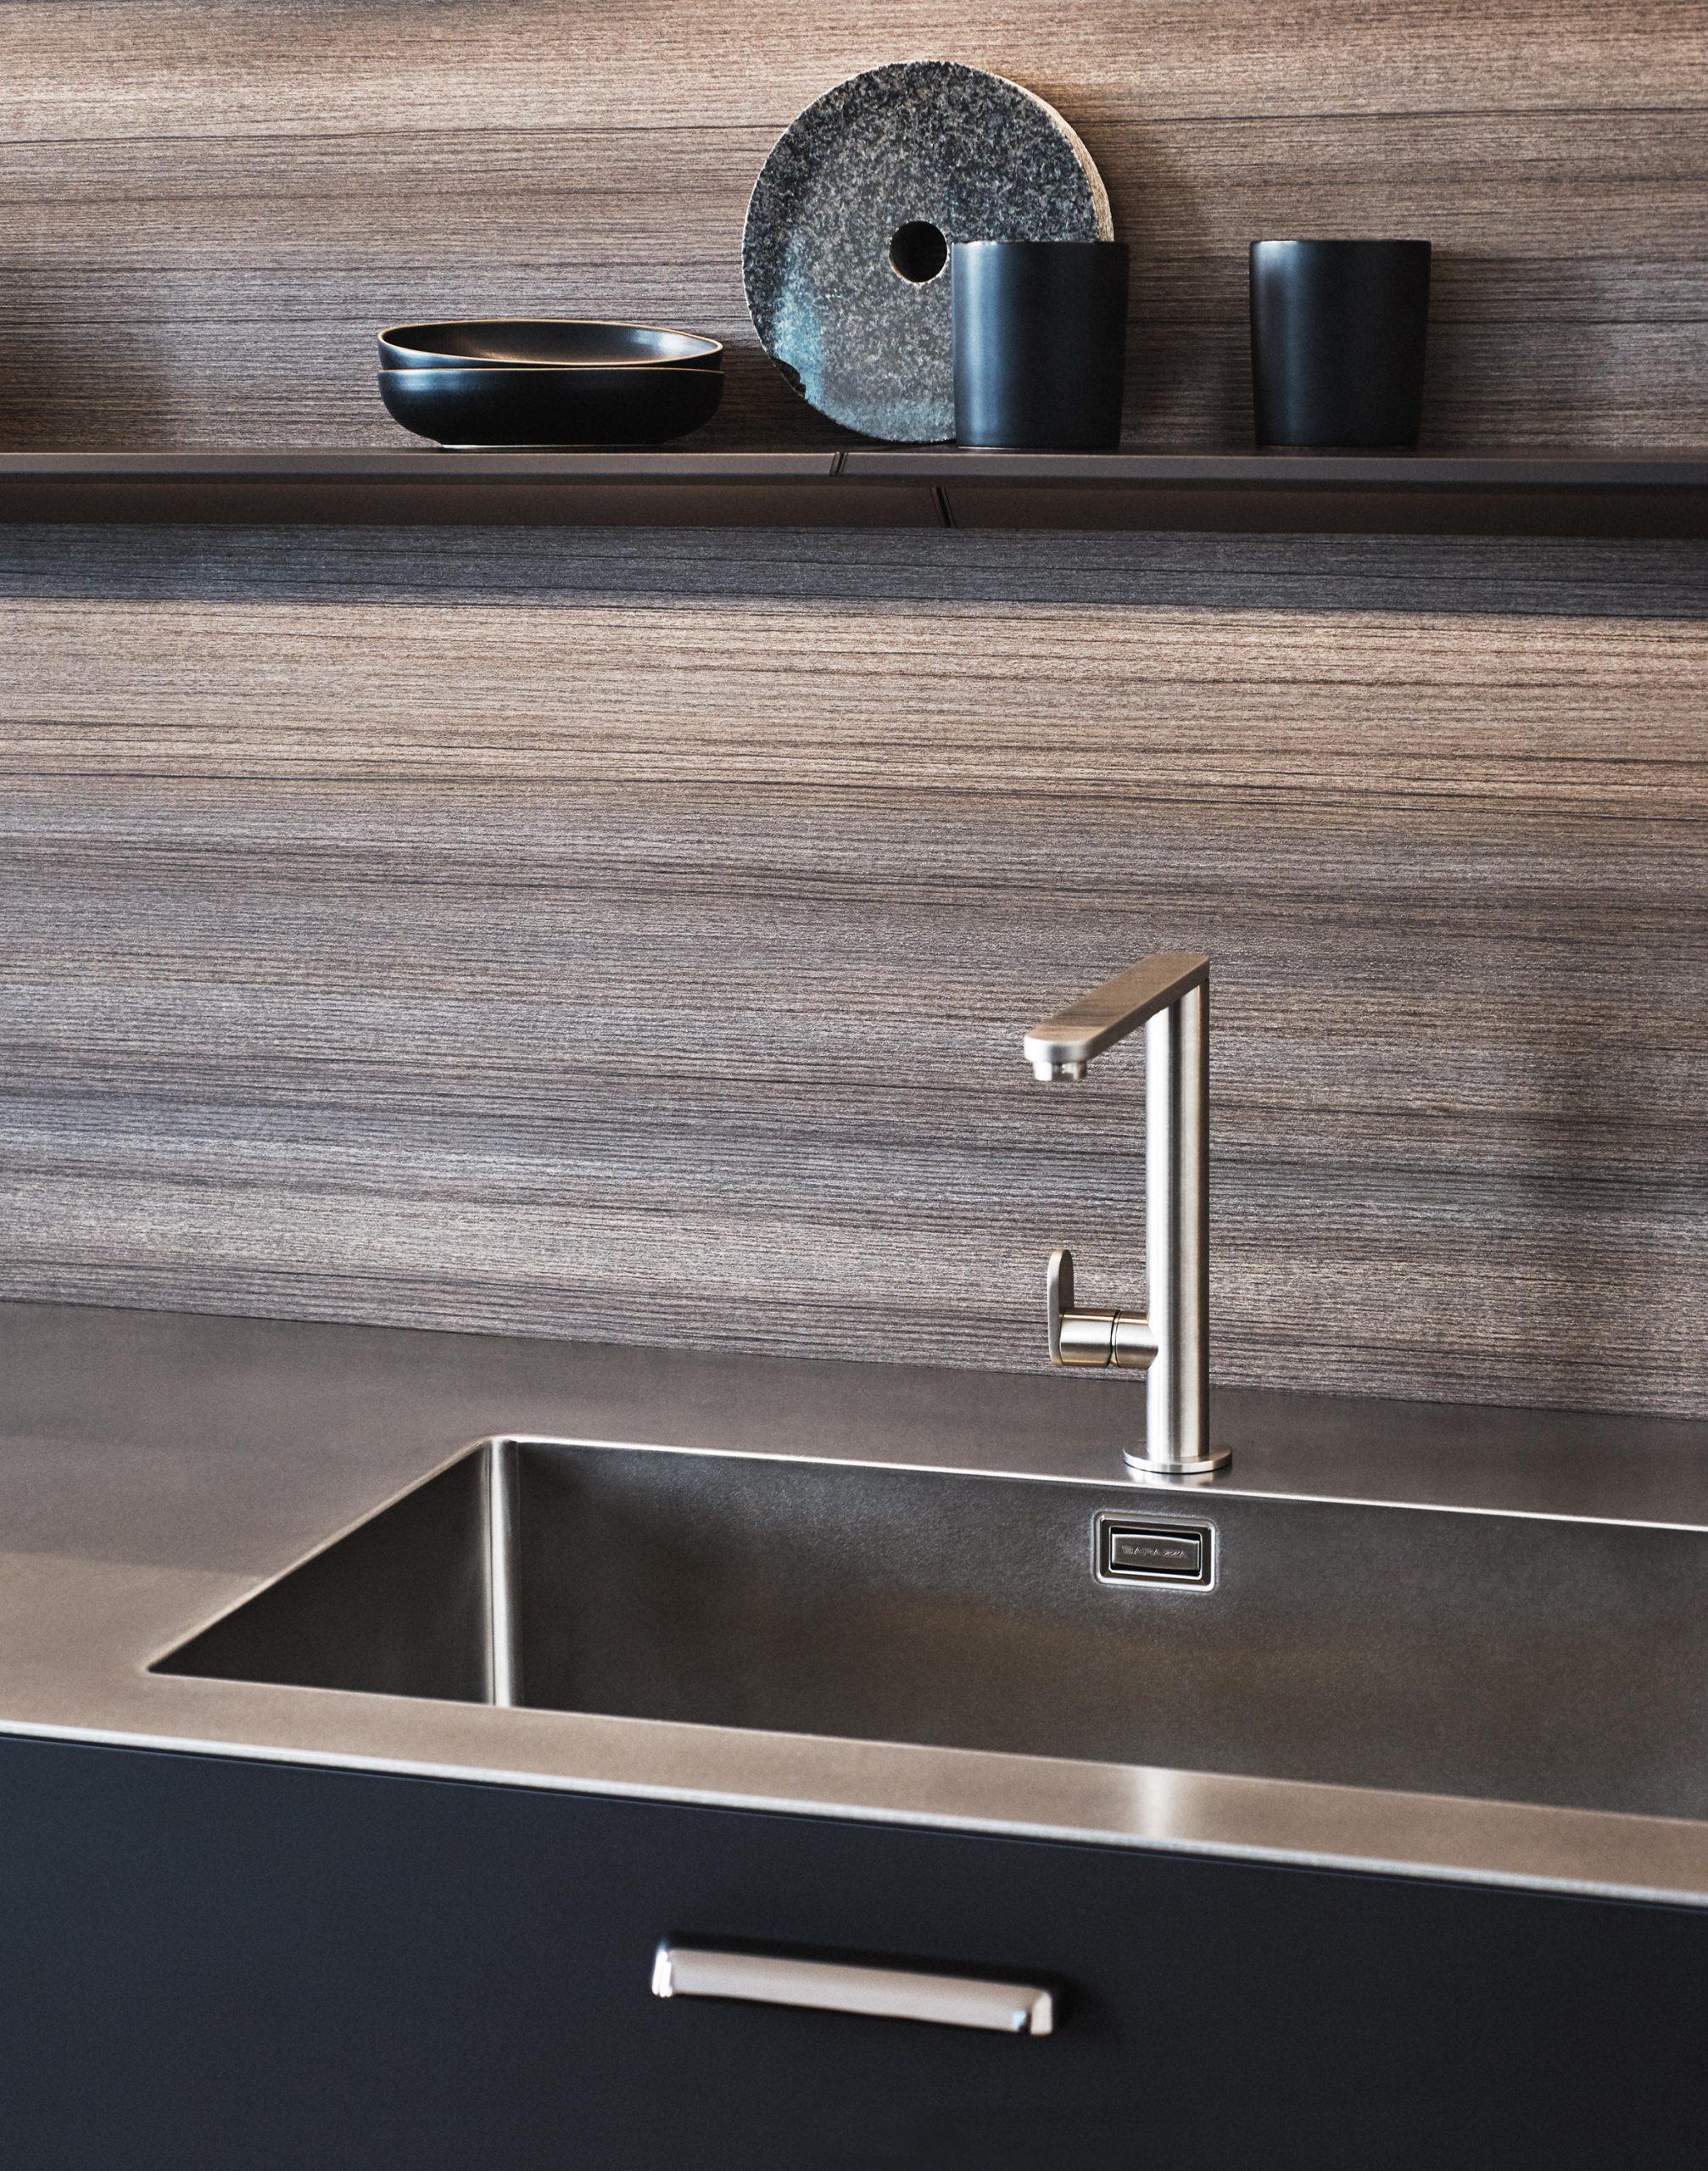 Italian unfitted kitchen design | KitchAnn Style